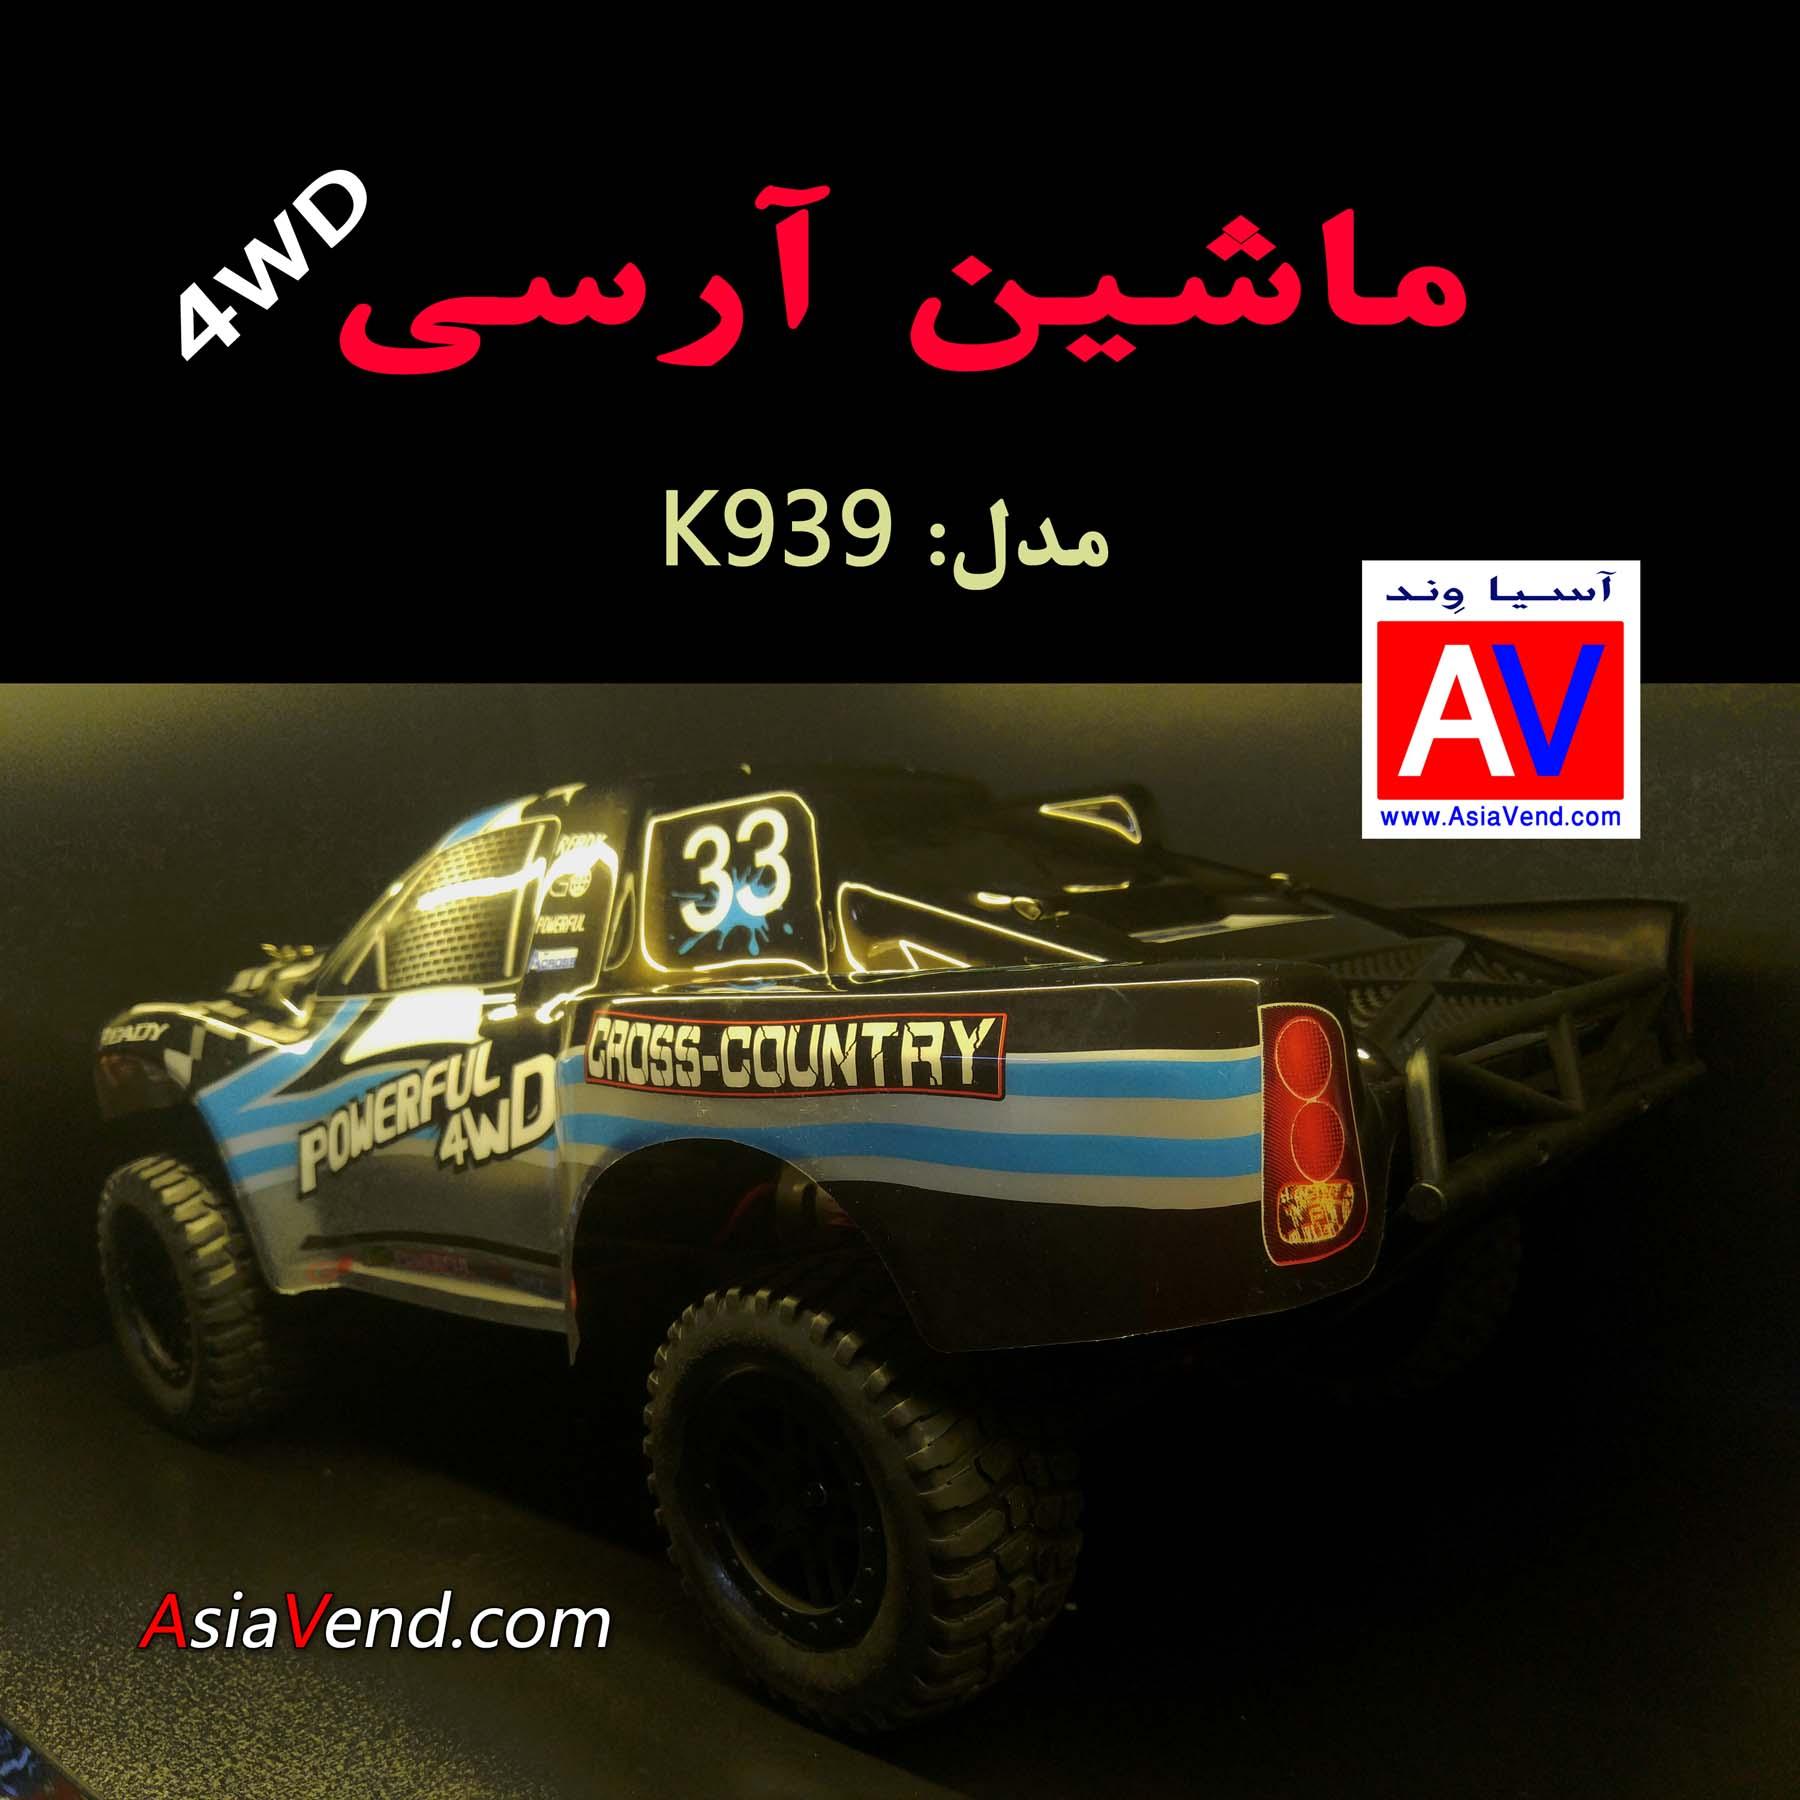 نمایندگی فروش ماشین کنترلی حرفه ای 1 ماشین کنترلی آفرود مدل Wltoys K939